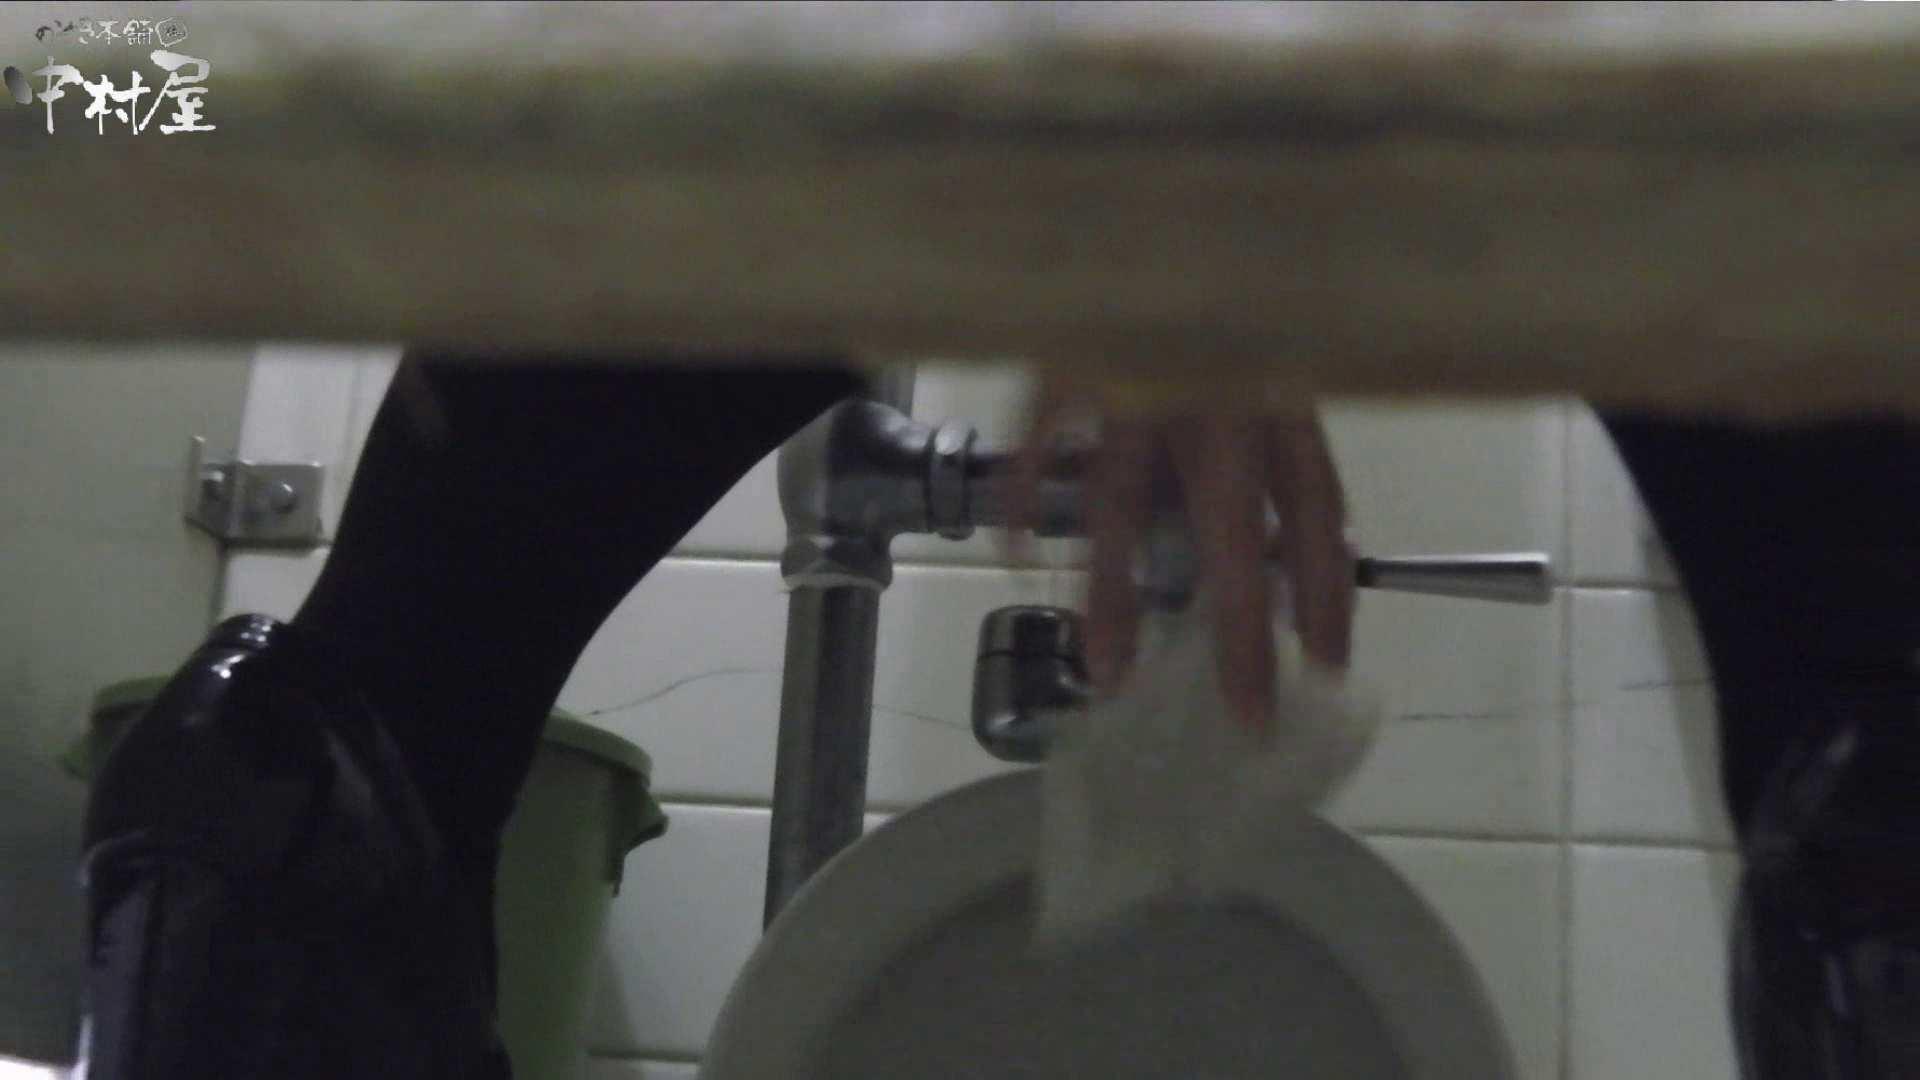 vol.44 命がけ潜伏洗面所! ツインテール(゚∀゚)キタコレ!! 洗面所 覗きスケベ動画紹介 107画像 46